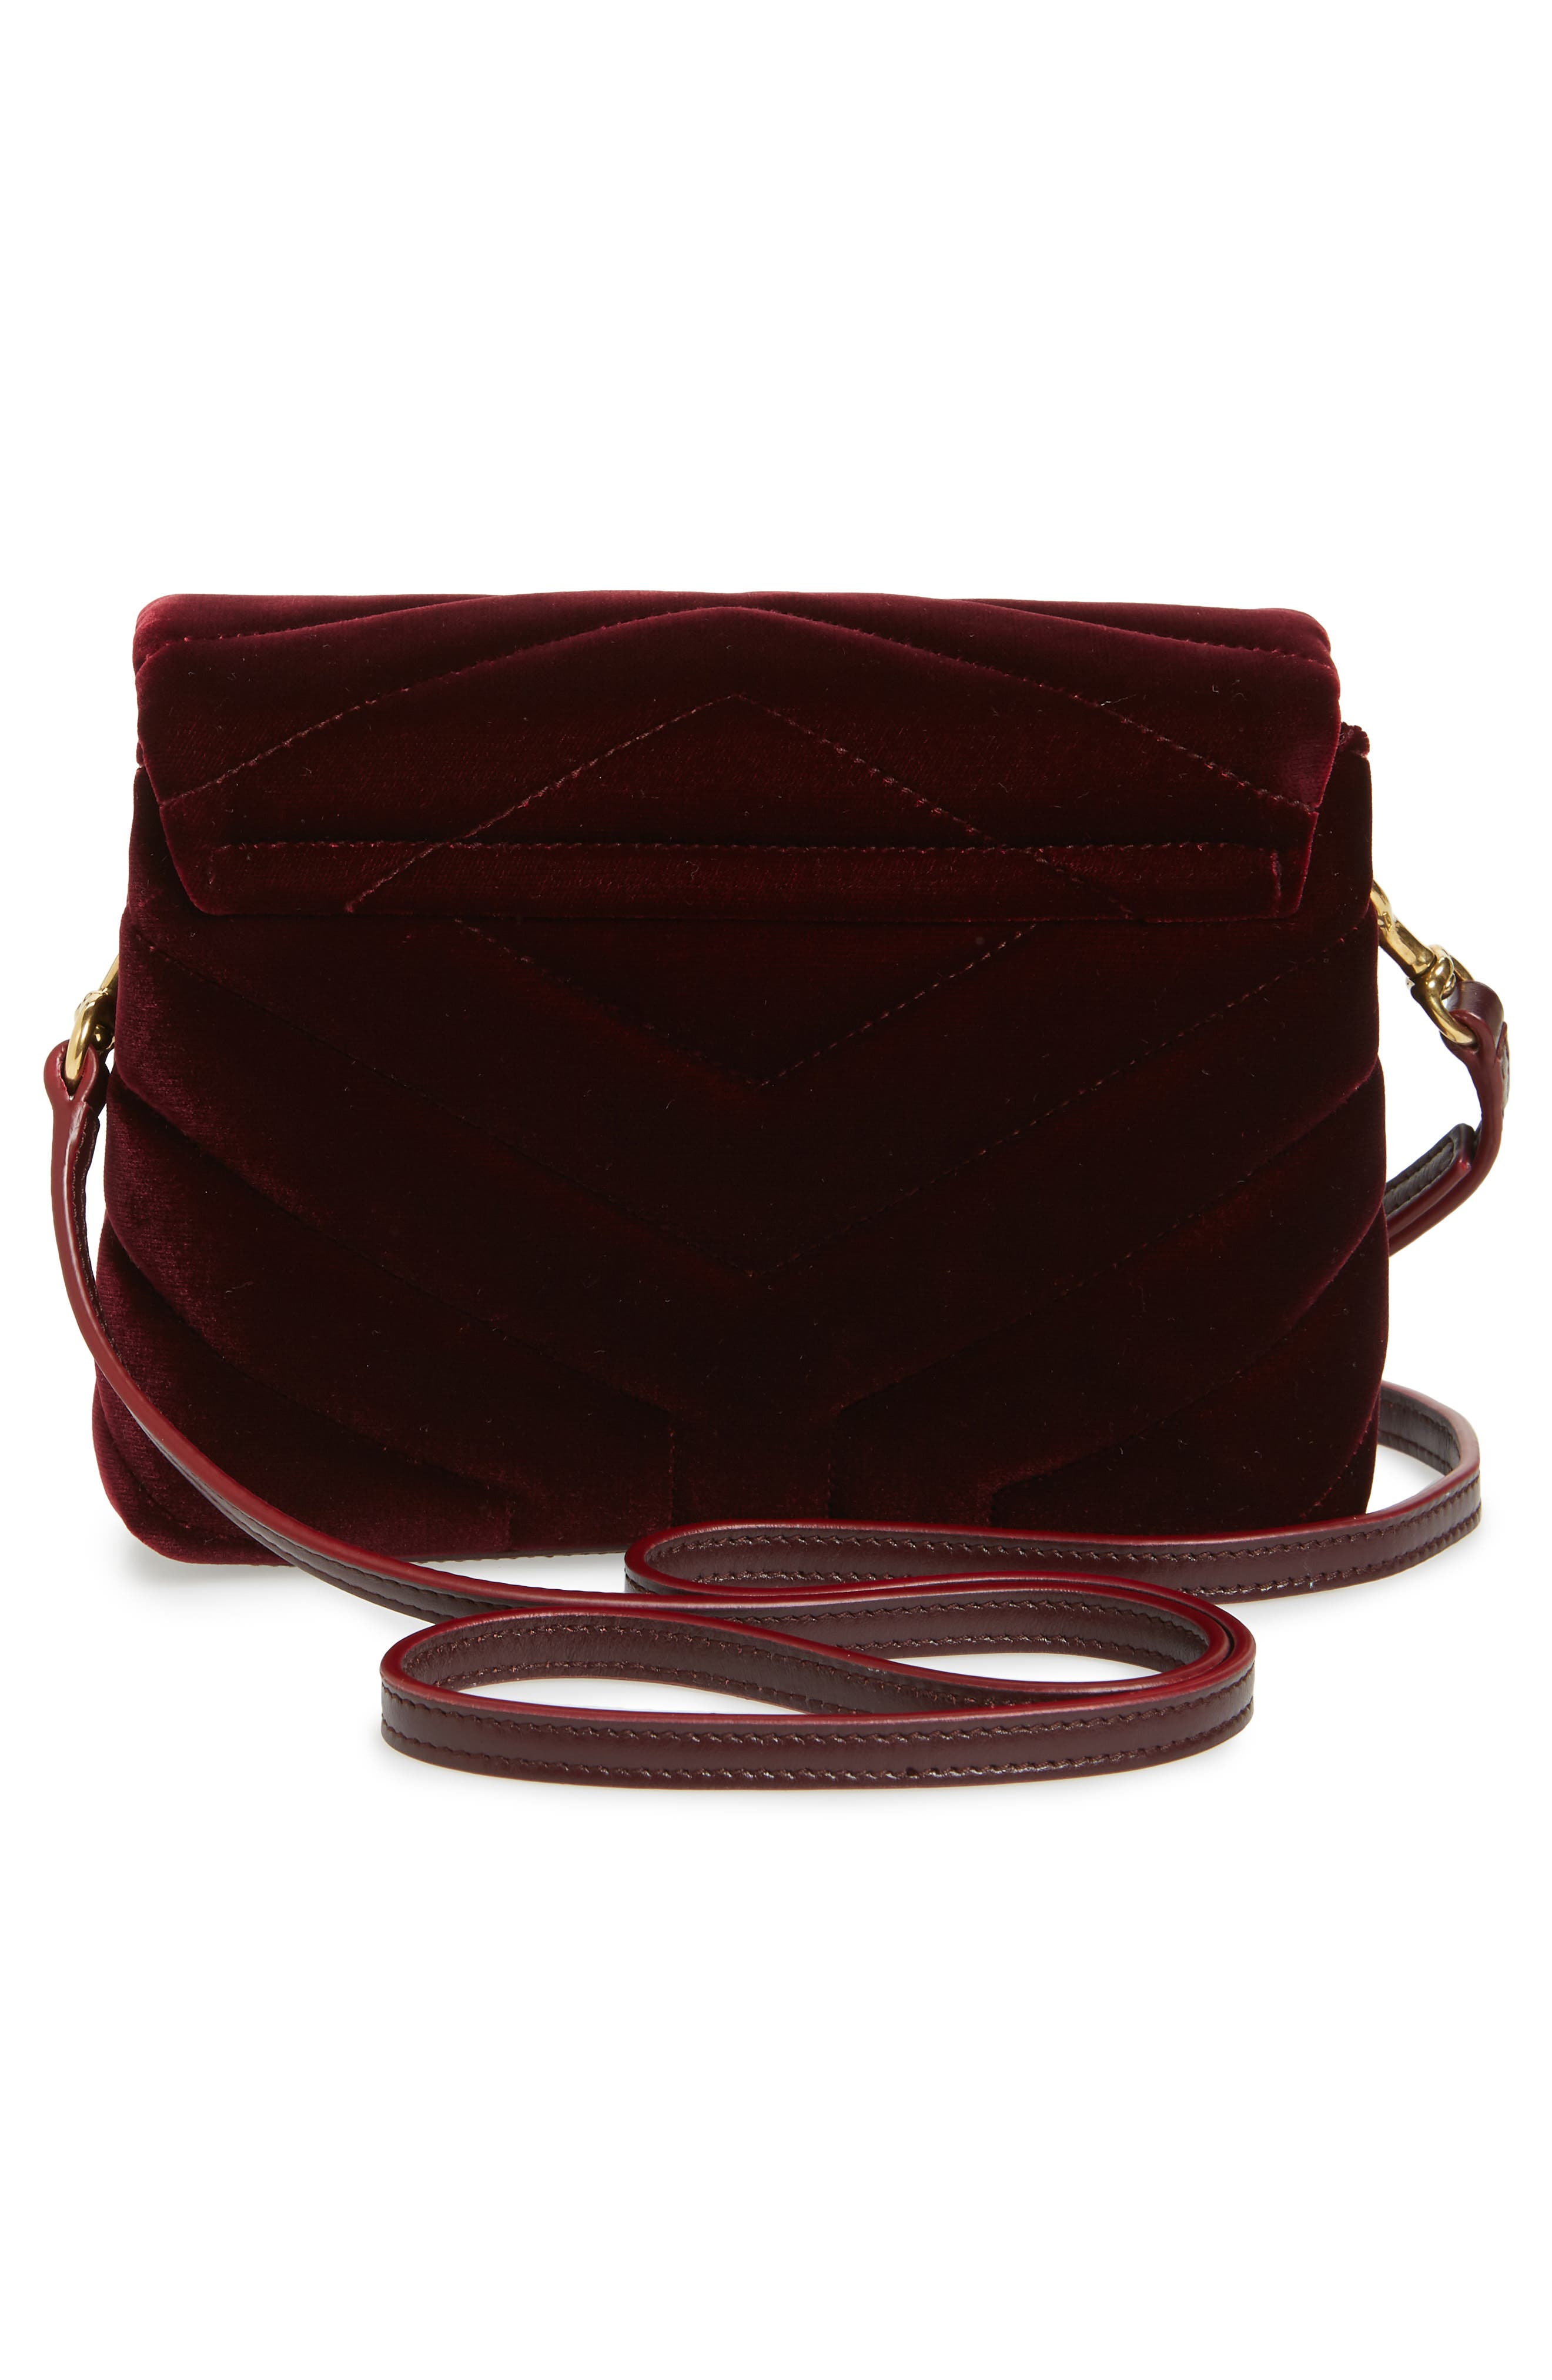 Toy Loulou Velvet Crossbody Bag,                             Alternate thumbnail 3, color,                             930